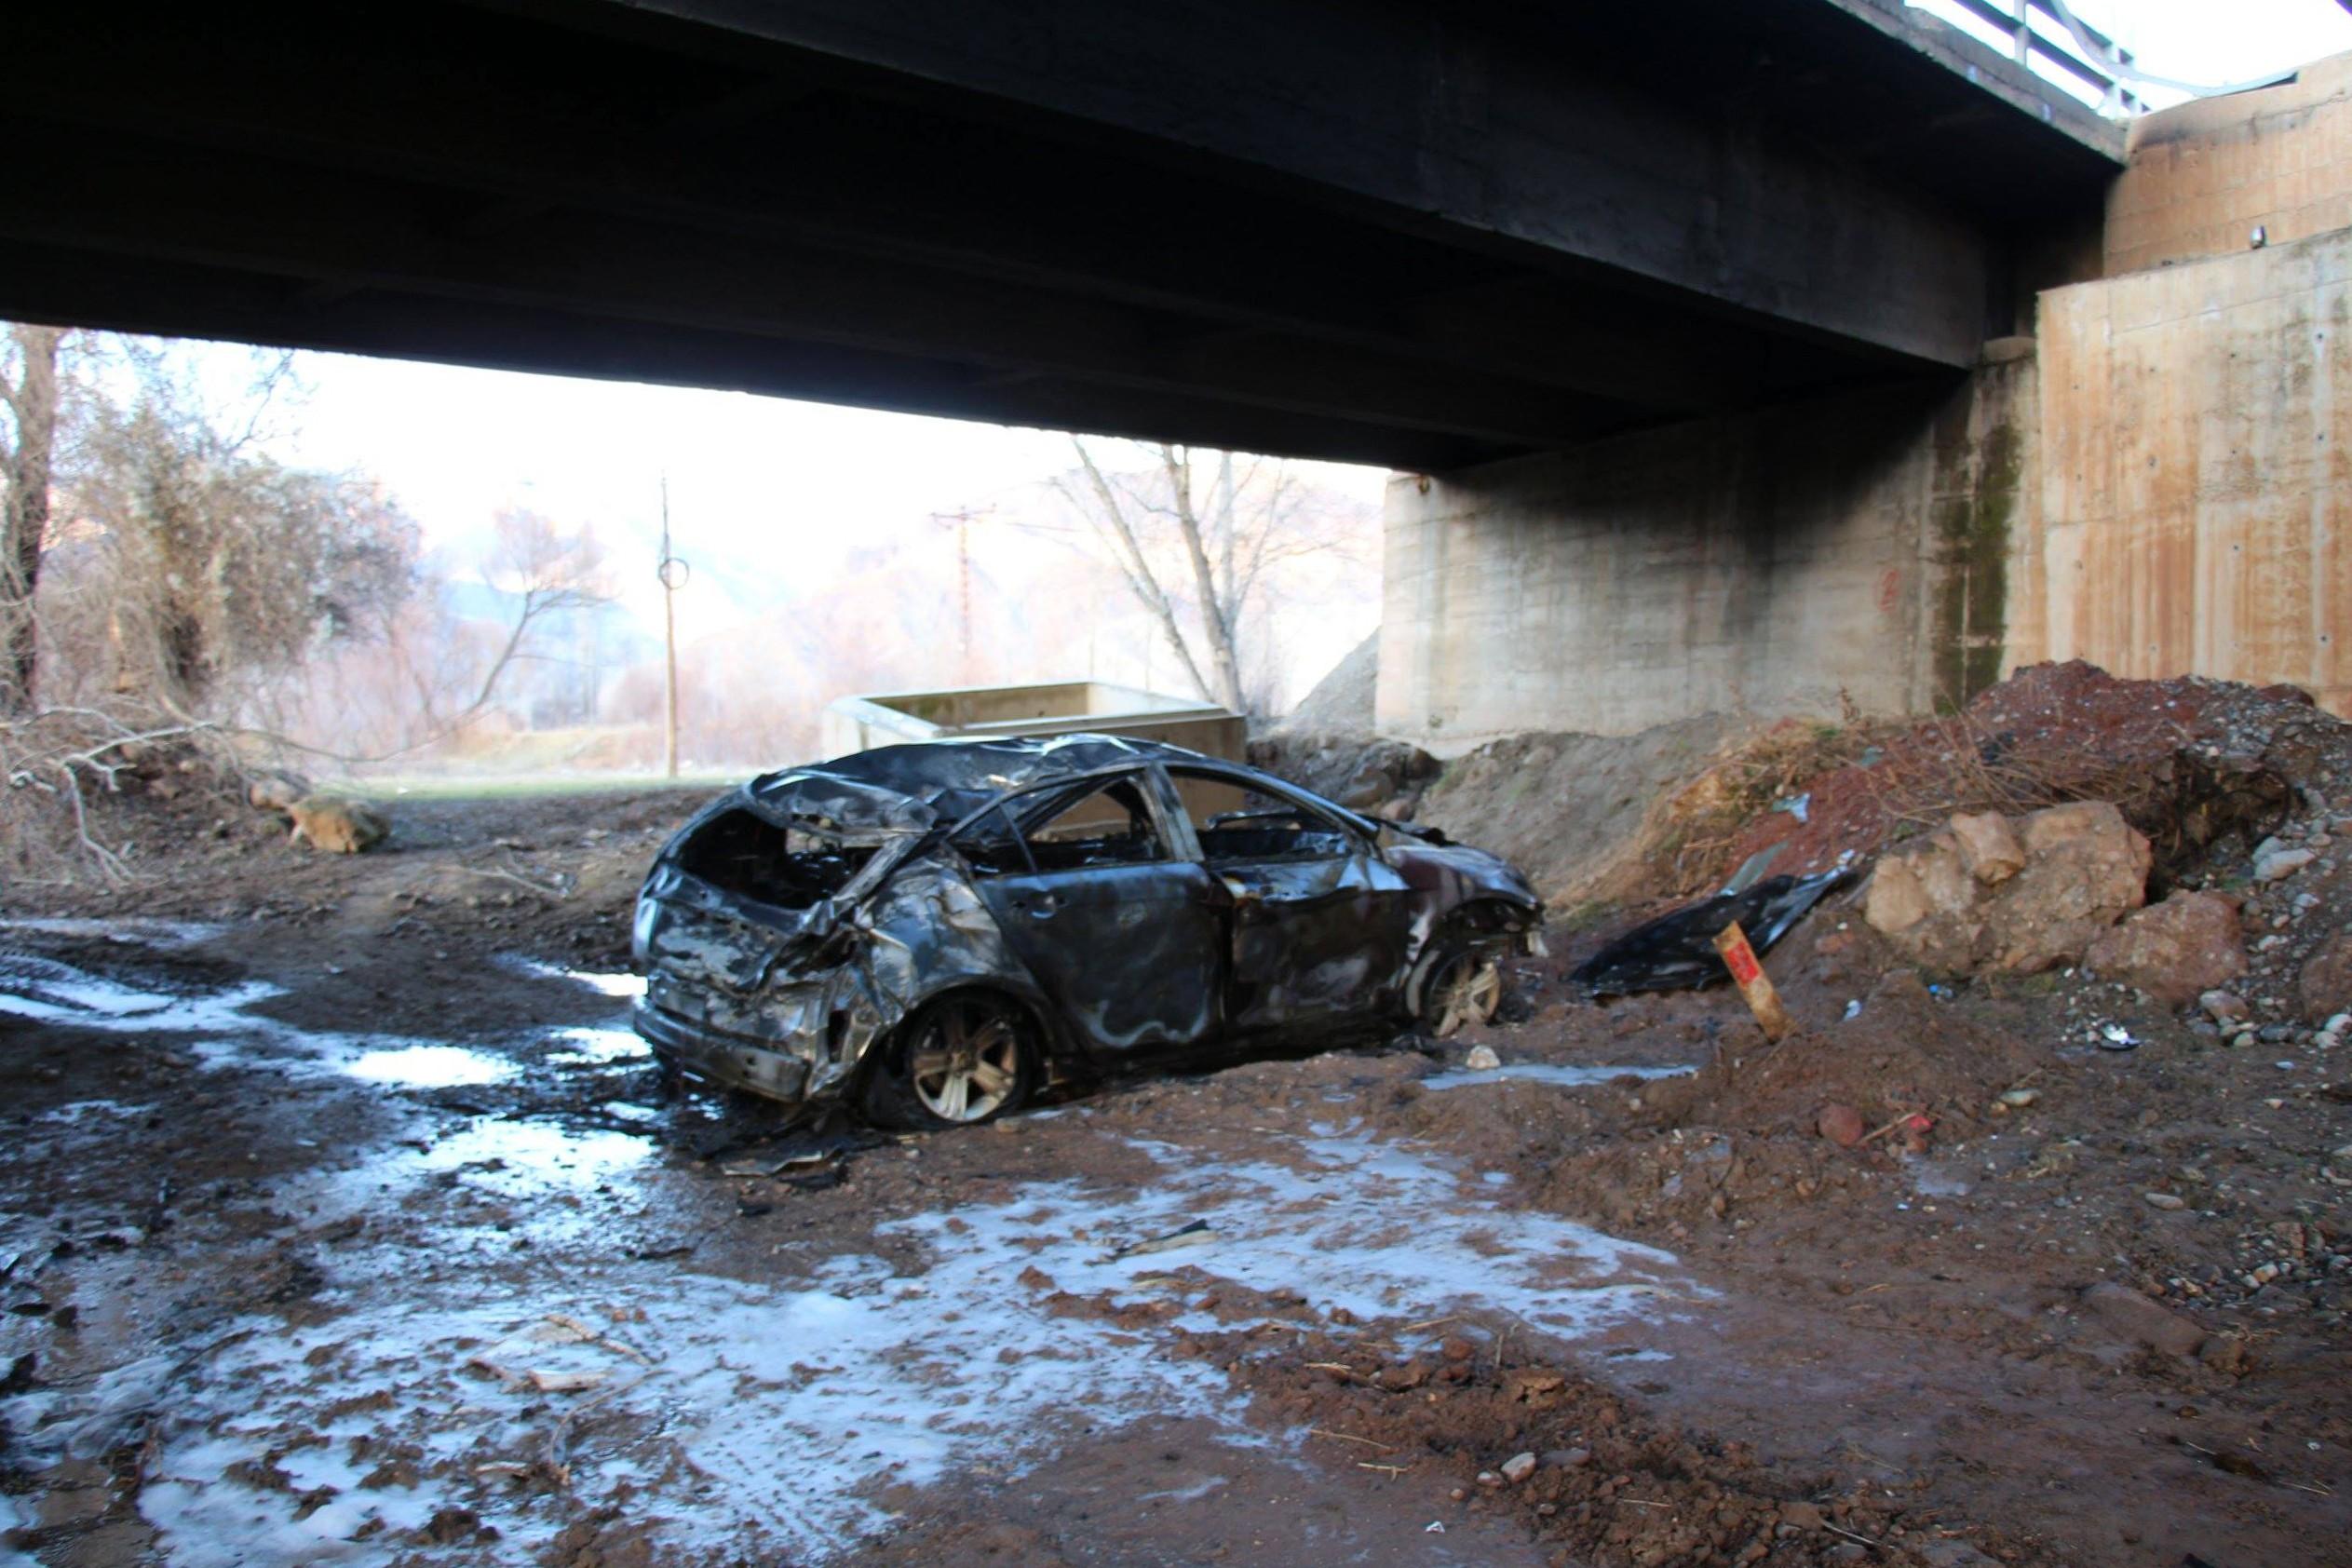 Erzurum'da köprüden uçan otomobil yandı: 1 yaralı